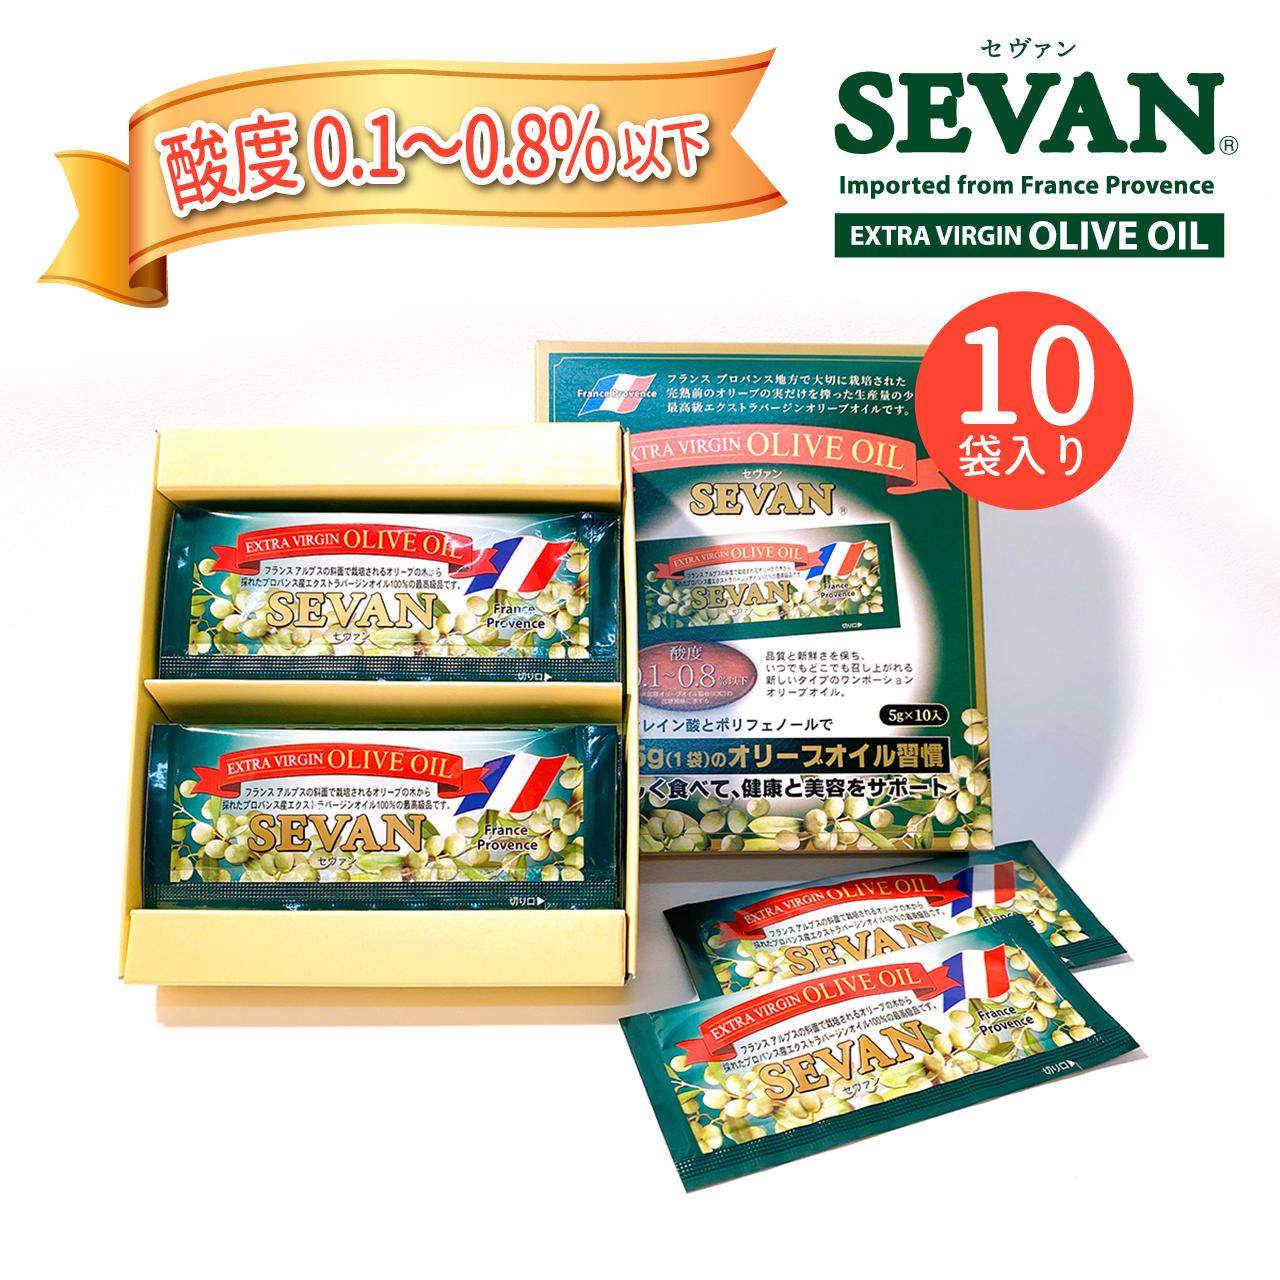 エクストラバージンオリーブオイル SEVAN-セヴァン-(5g×10袋)箱入